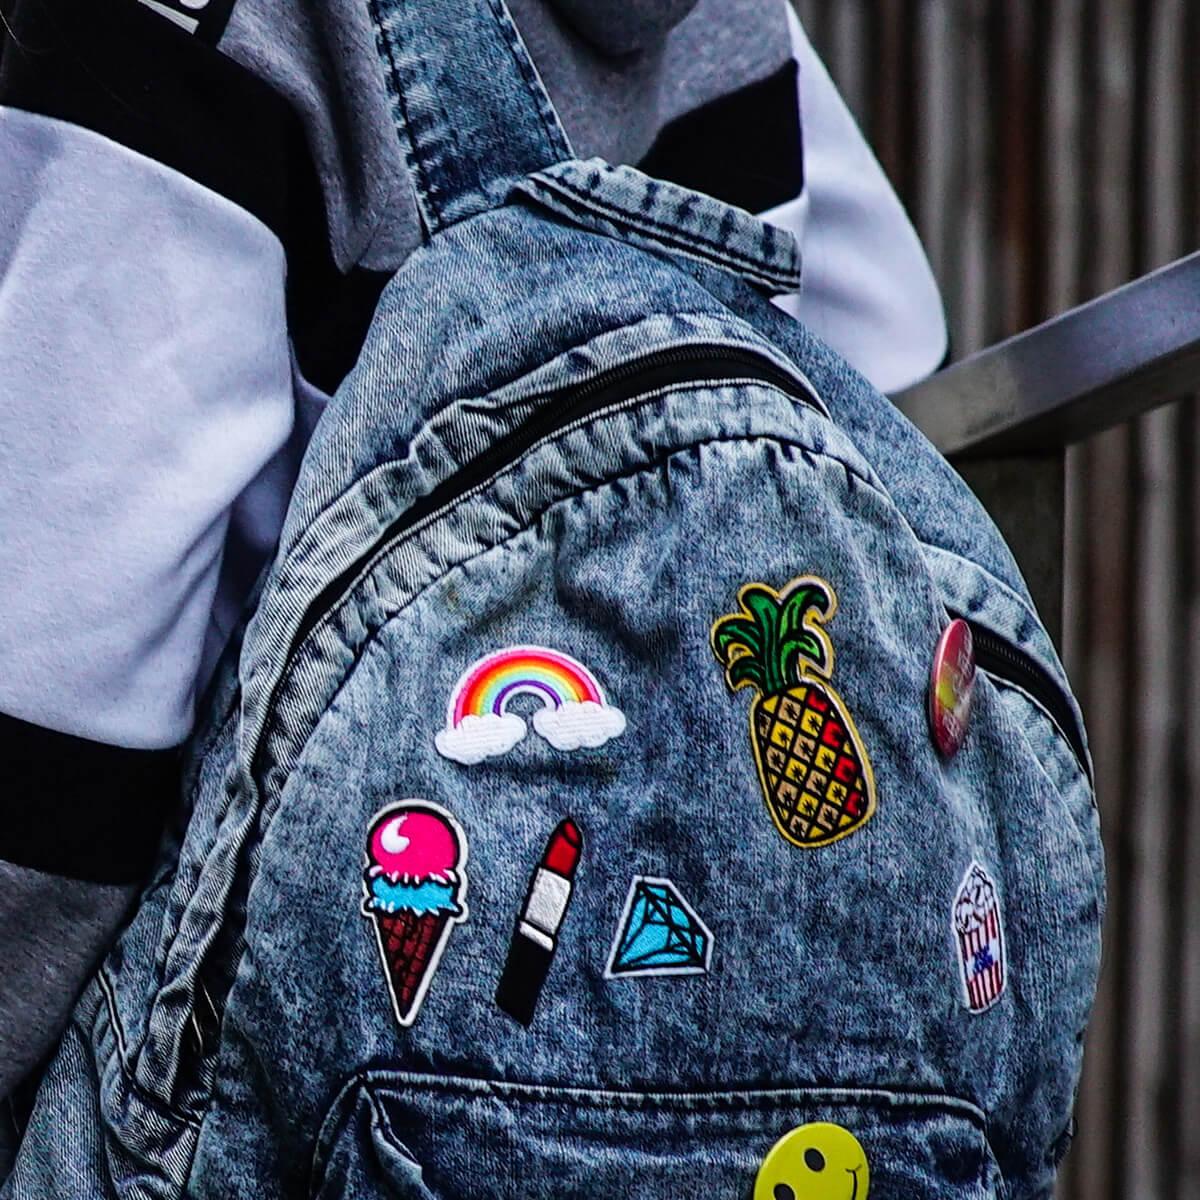 d956b75c190f0 Plecaki jeansowe, plecaki oldschool | Sklep internetowy Brytyjka